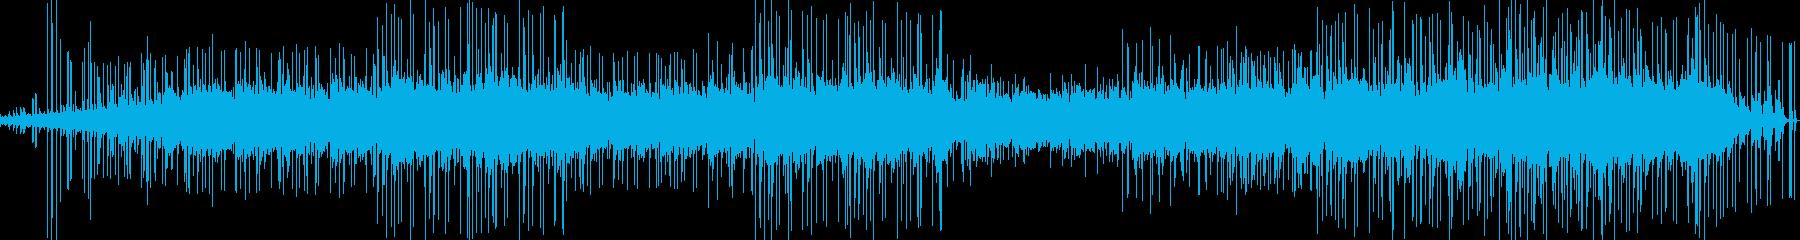 癒される様なほのぼのとした曲の再生済みの波形